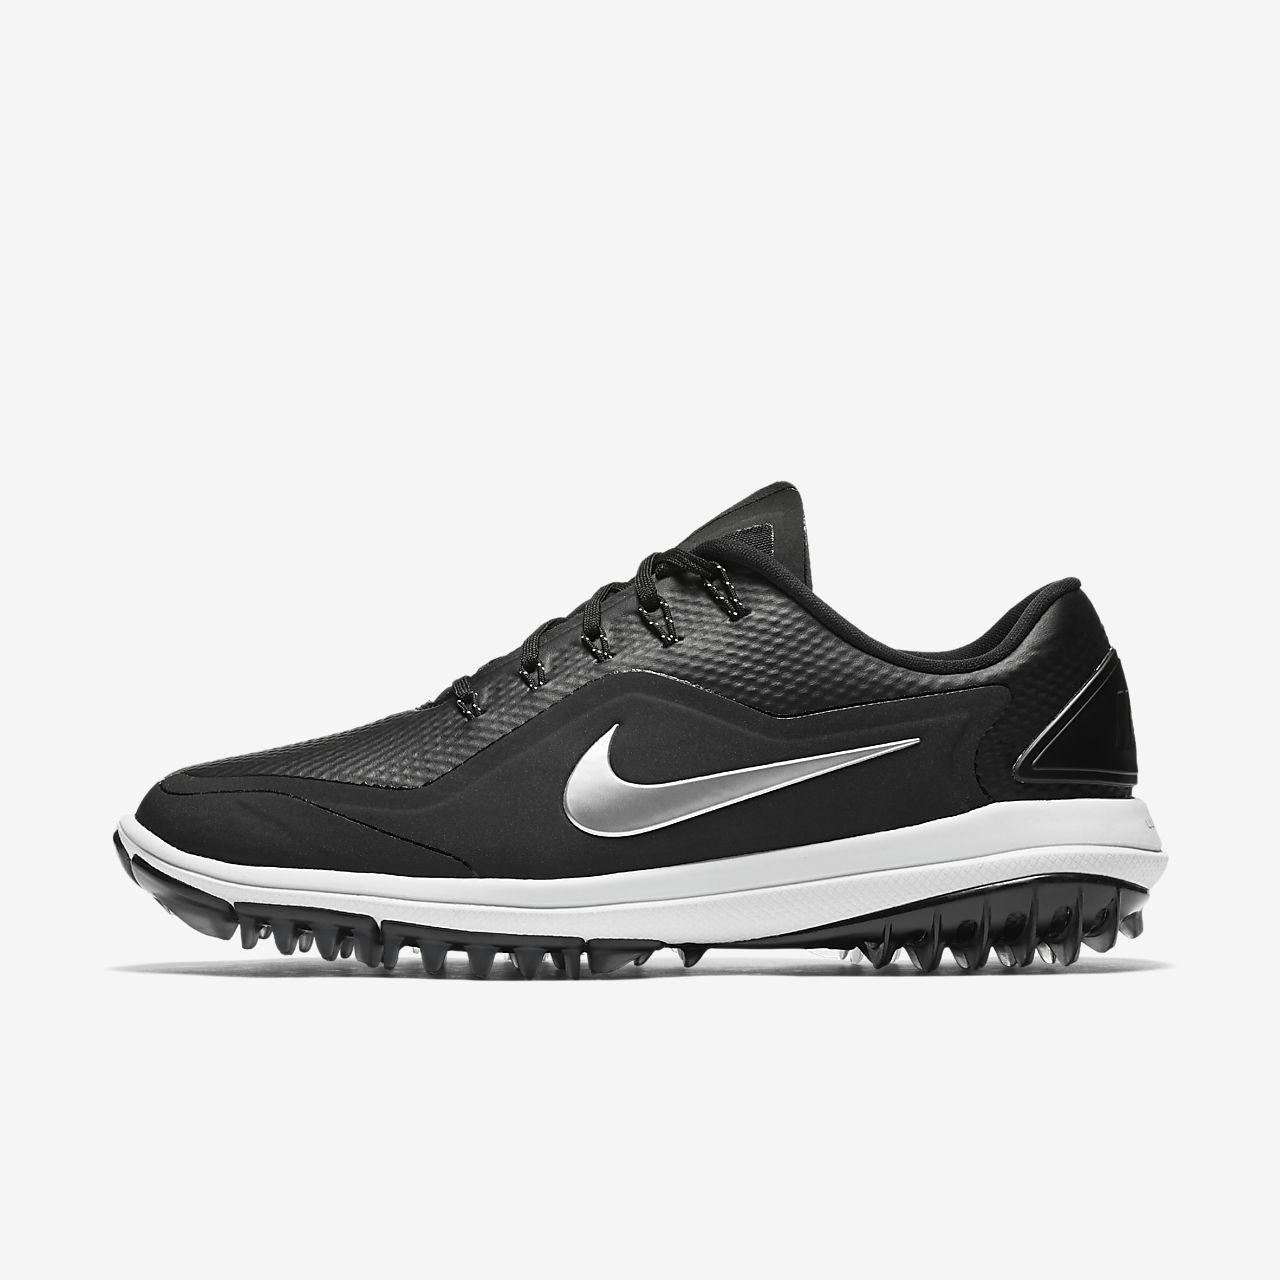 3516d4f1a09b7e Nike Lunar Control Vapor 2 Women s Golf Shoe. Nike.com GB